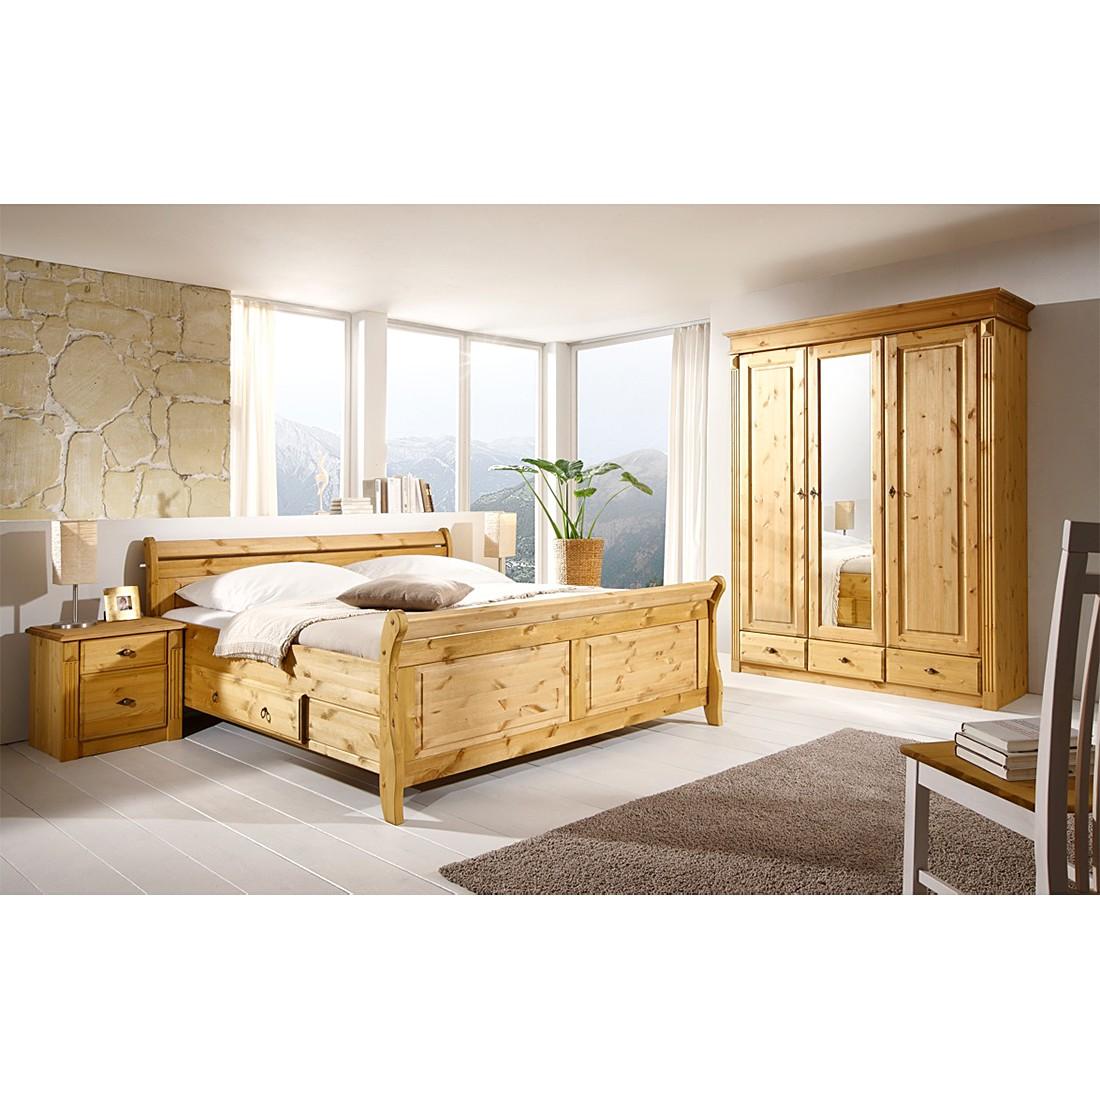 schlafzimmer set cenan ii 4 teilig kiefer massiv gebeizt lackiert. Black Bedroom Furniture Sets. Home Design Ideas